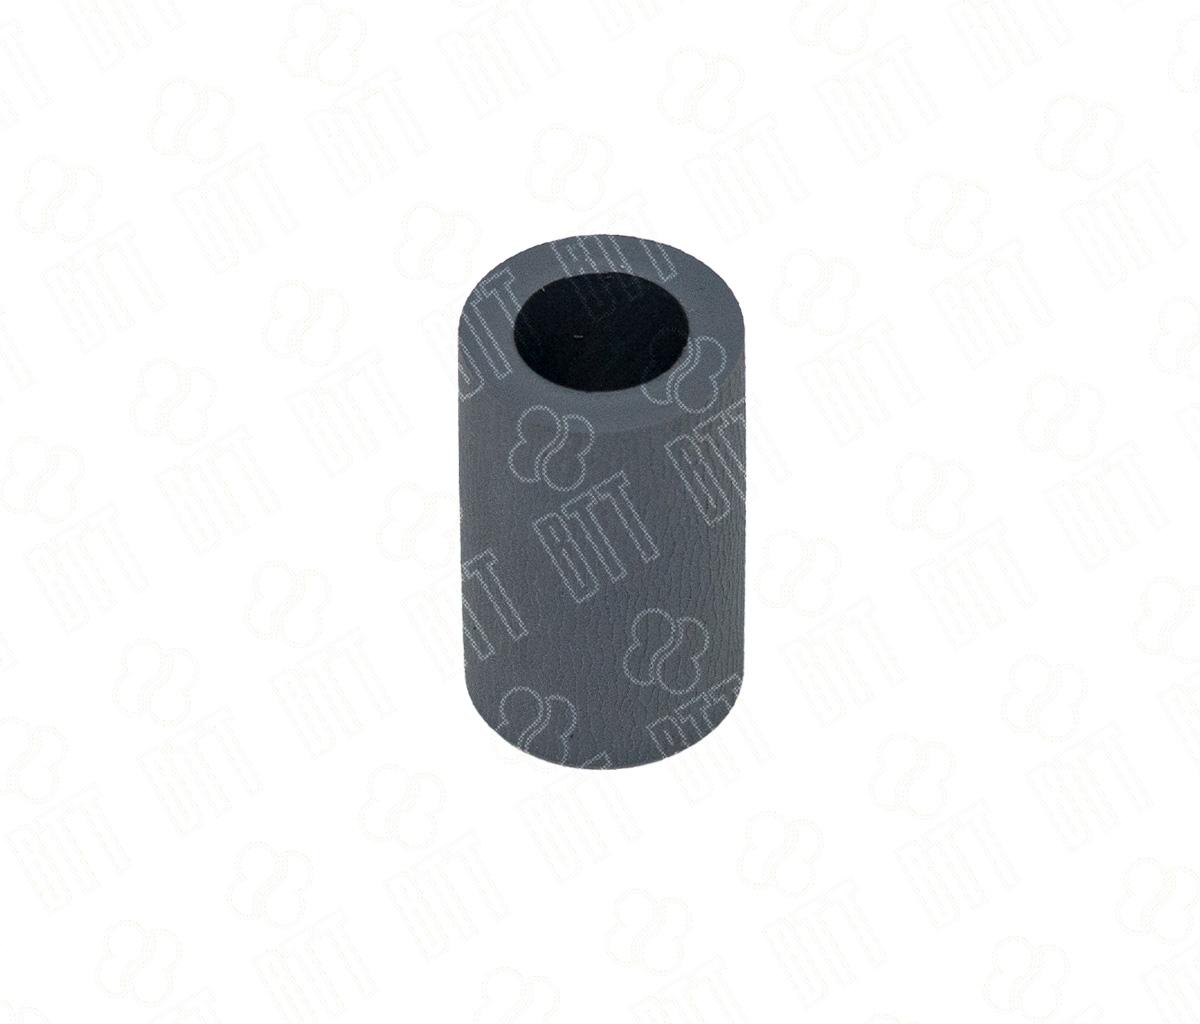 Насадка (резина) на ролик отделения для SamsungML-2955/2950/CLX-4195/CLP-415/680 (совм)